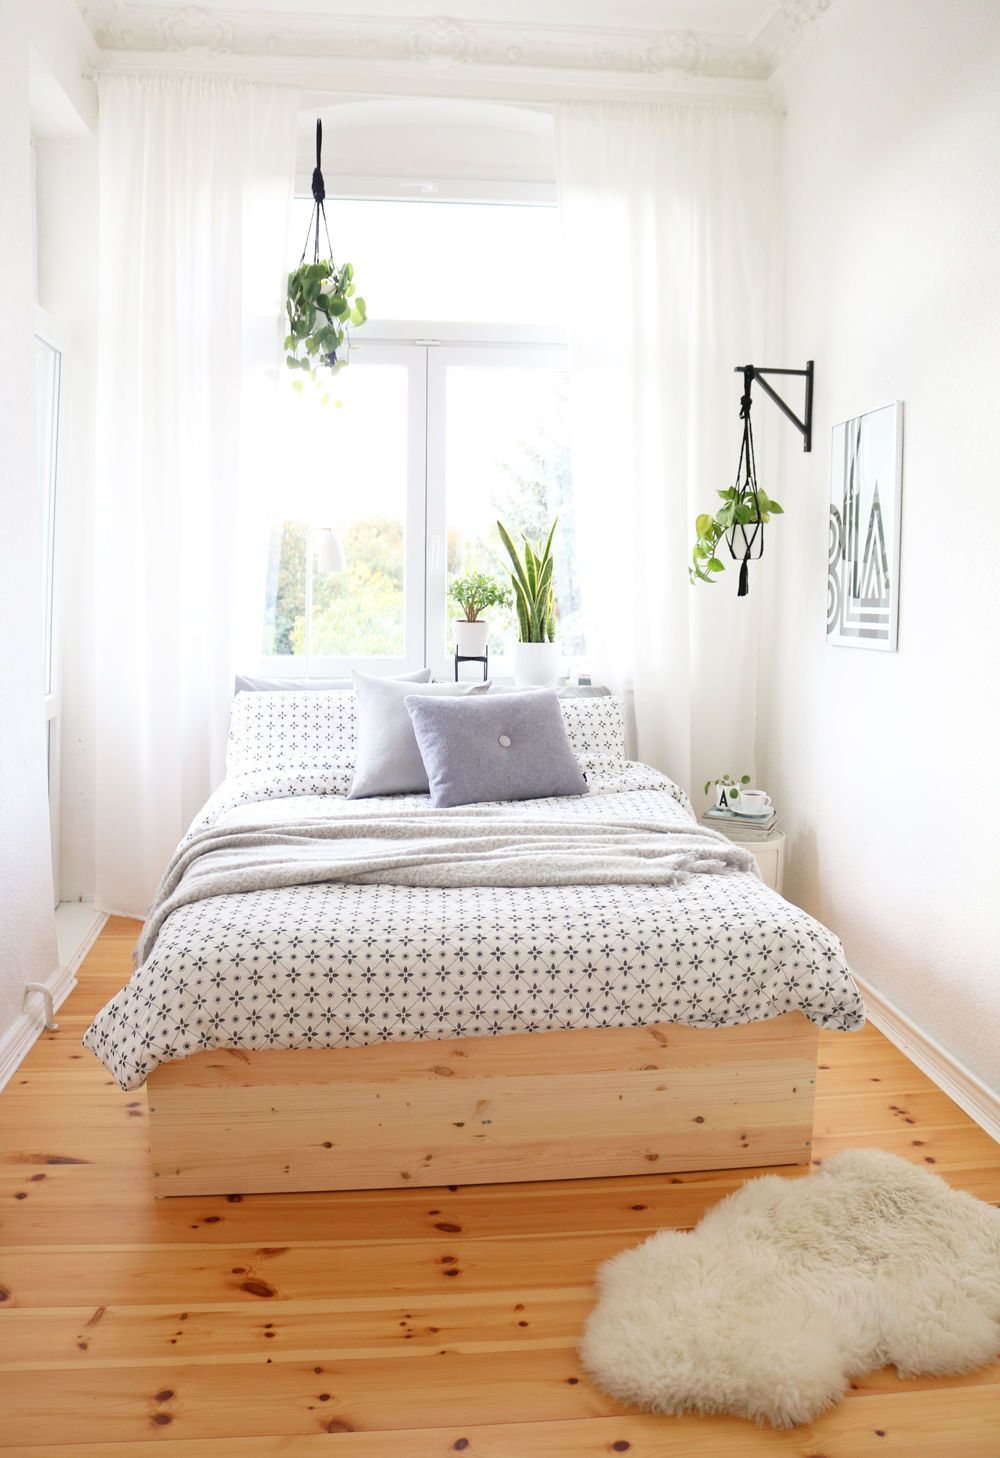 Kleine schlafzimmer einrichten gestalten for Kleine jugendzimmer gestalten ideen